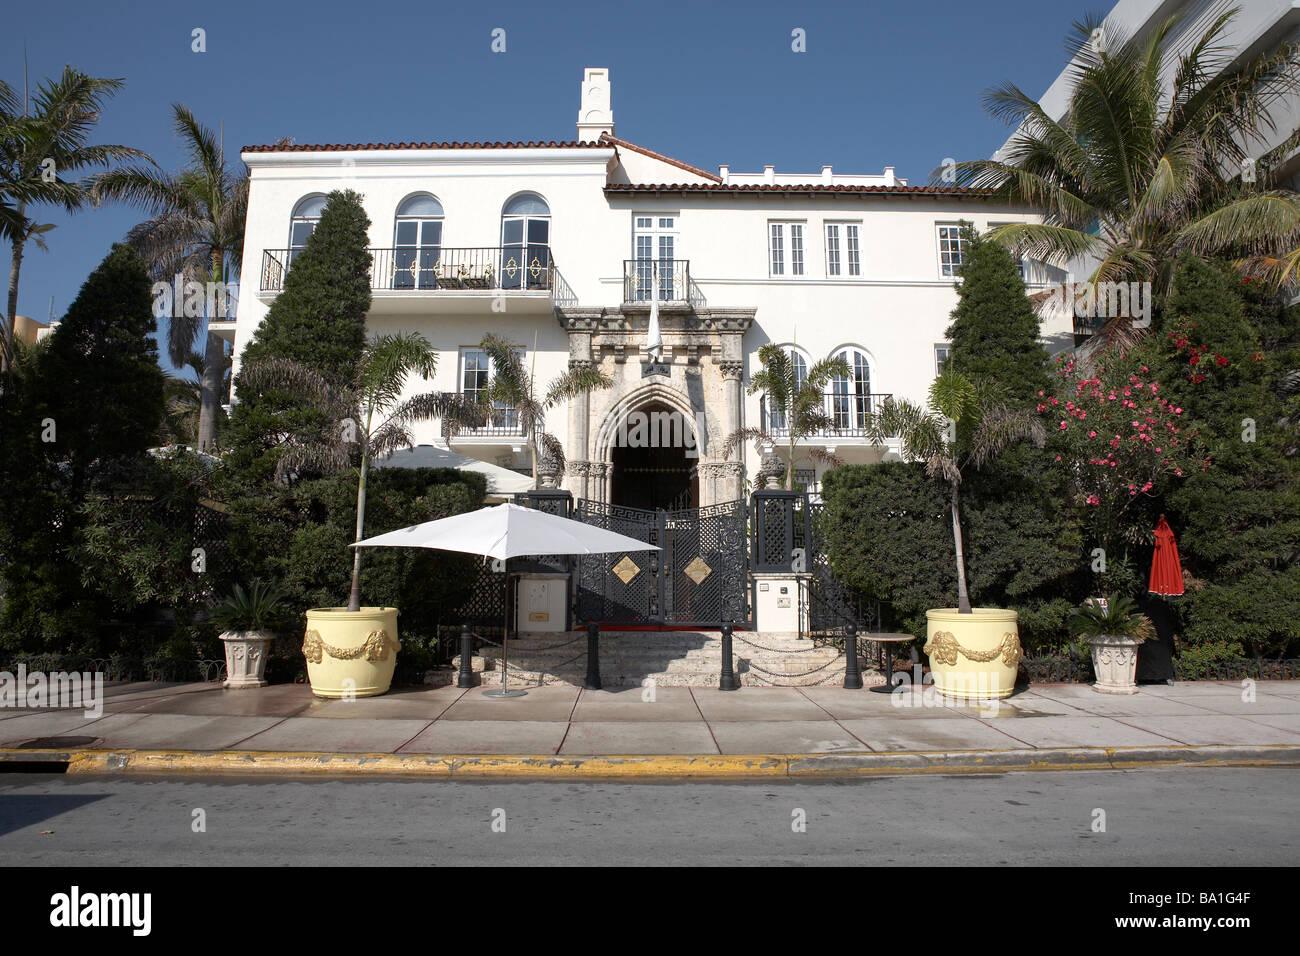 Versace Hotel Miami Florida